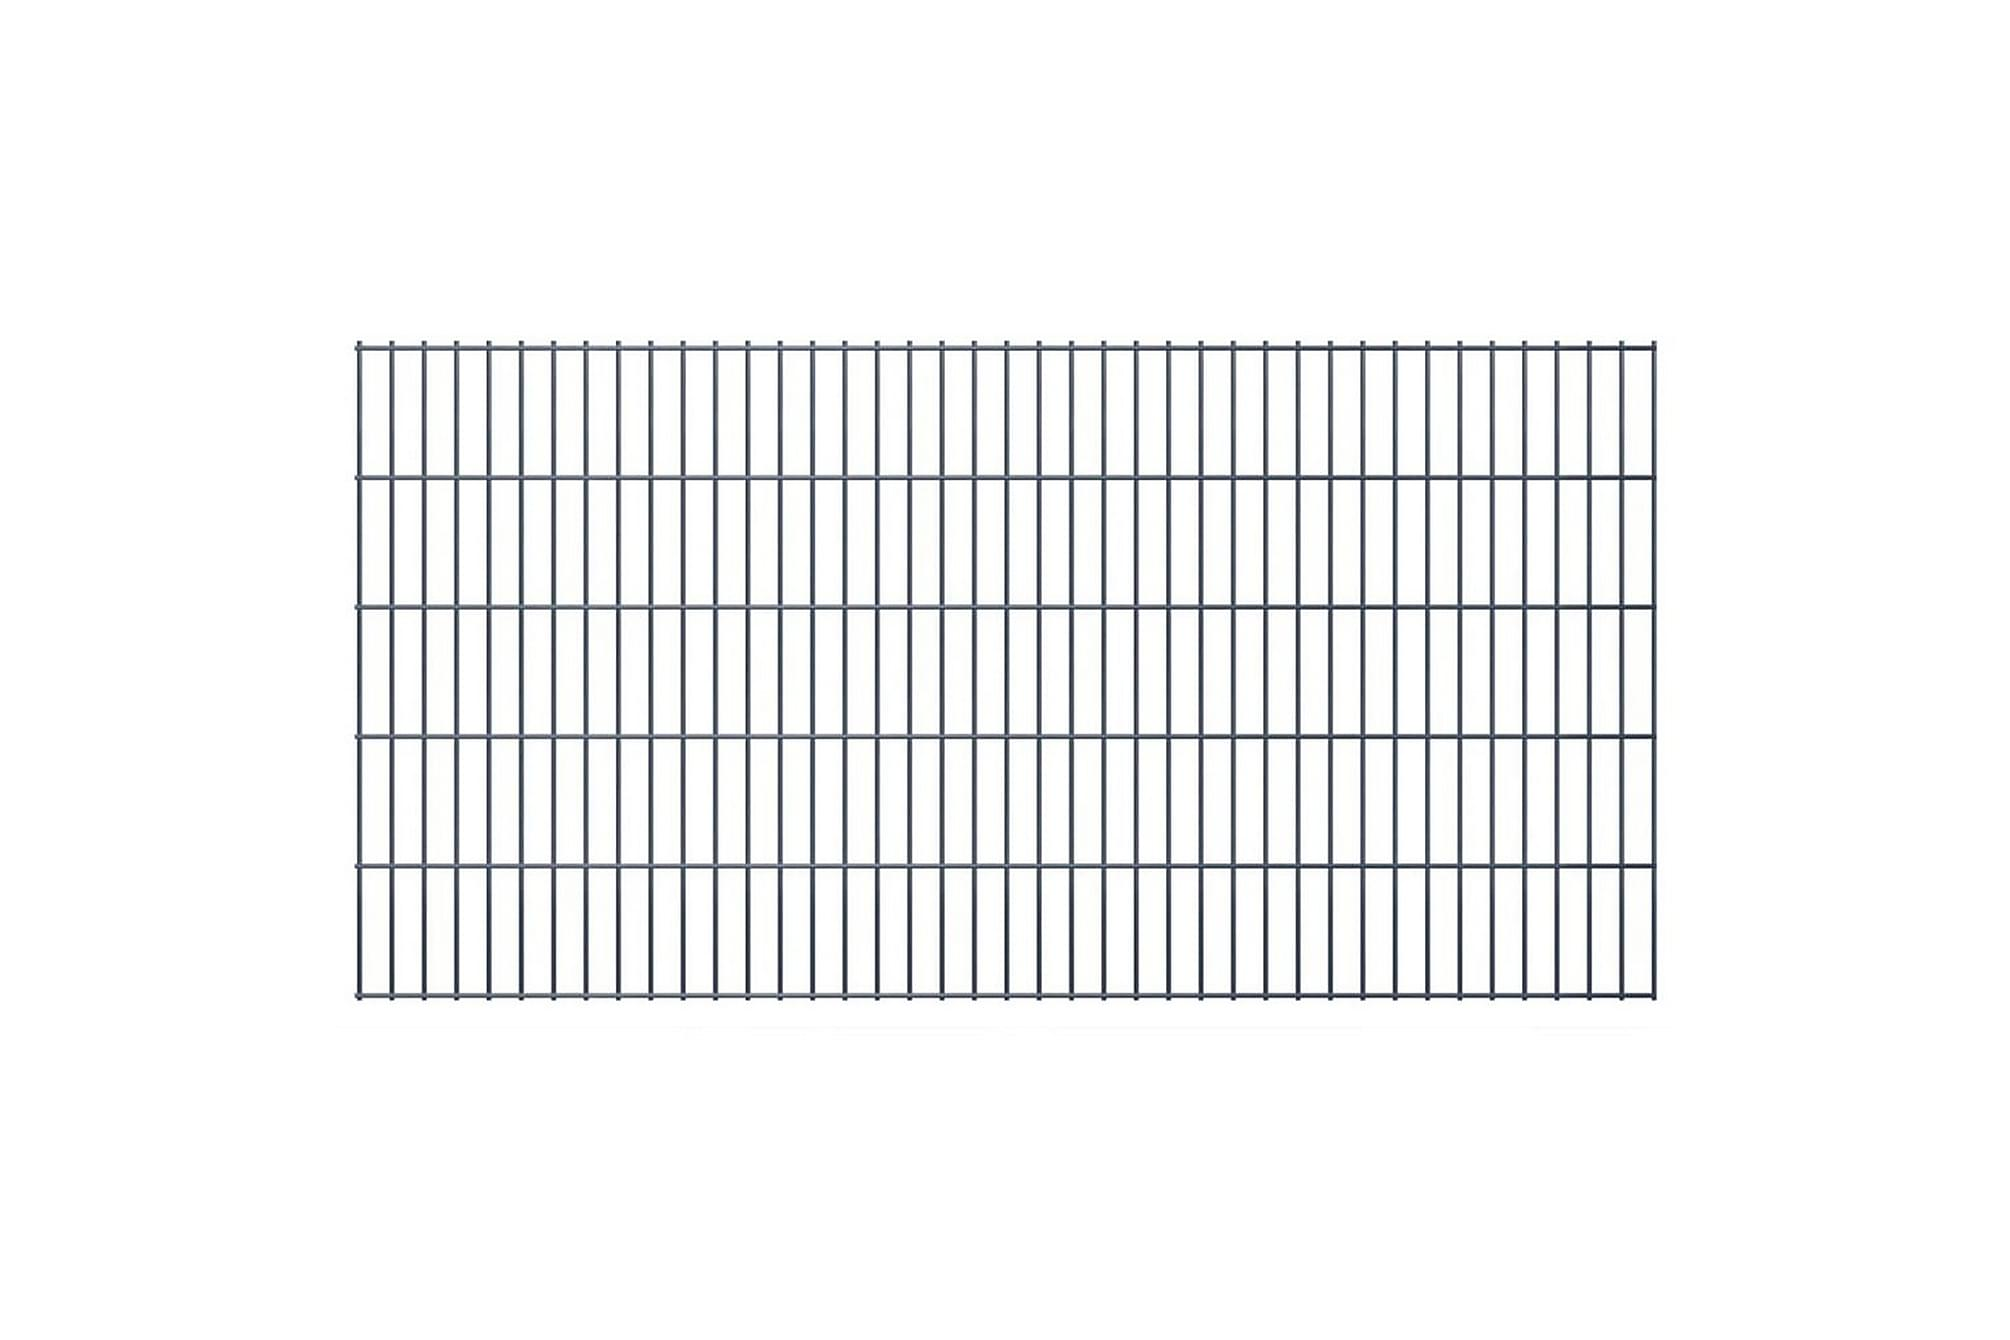 2D Stängselpaneler 2,008x1,03 m grå, Staket & grindar